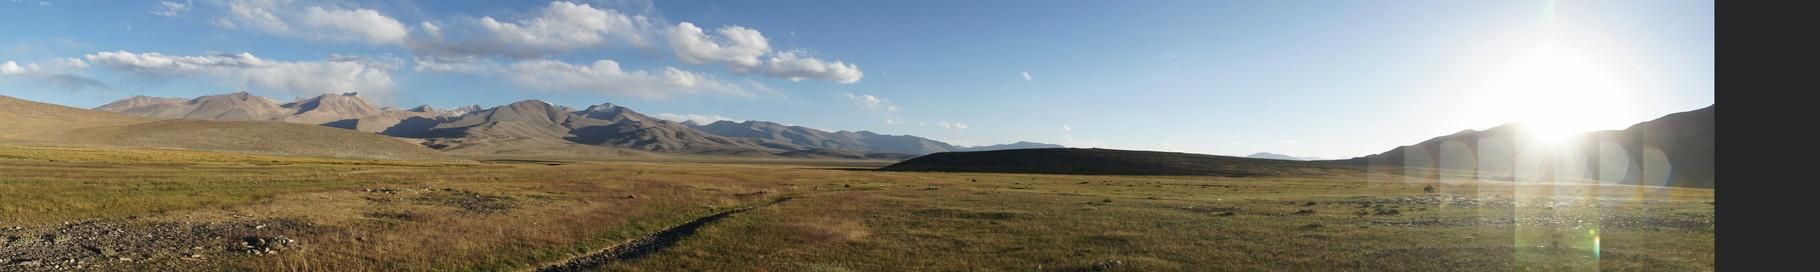 Landschaft, die überwältigt...